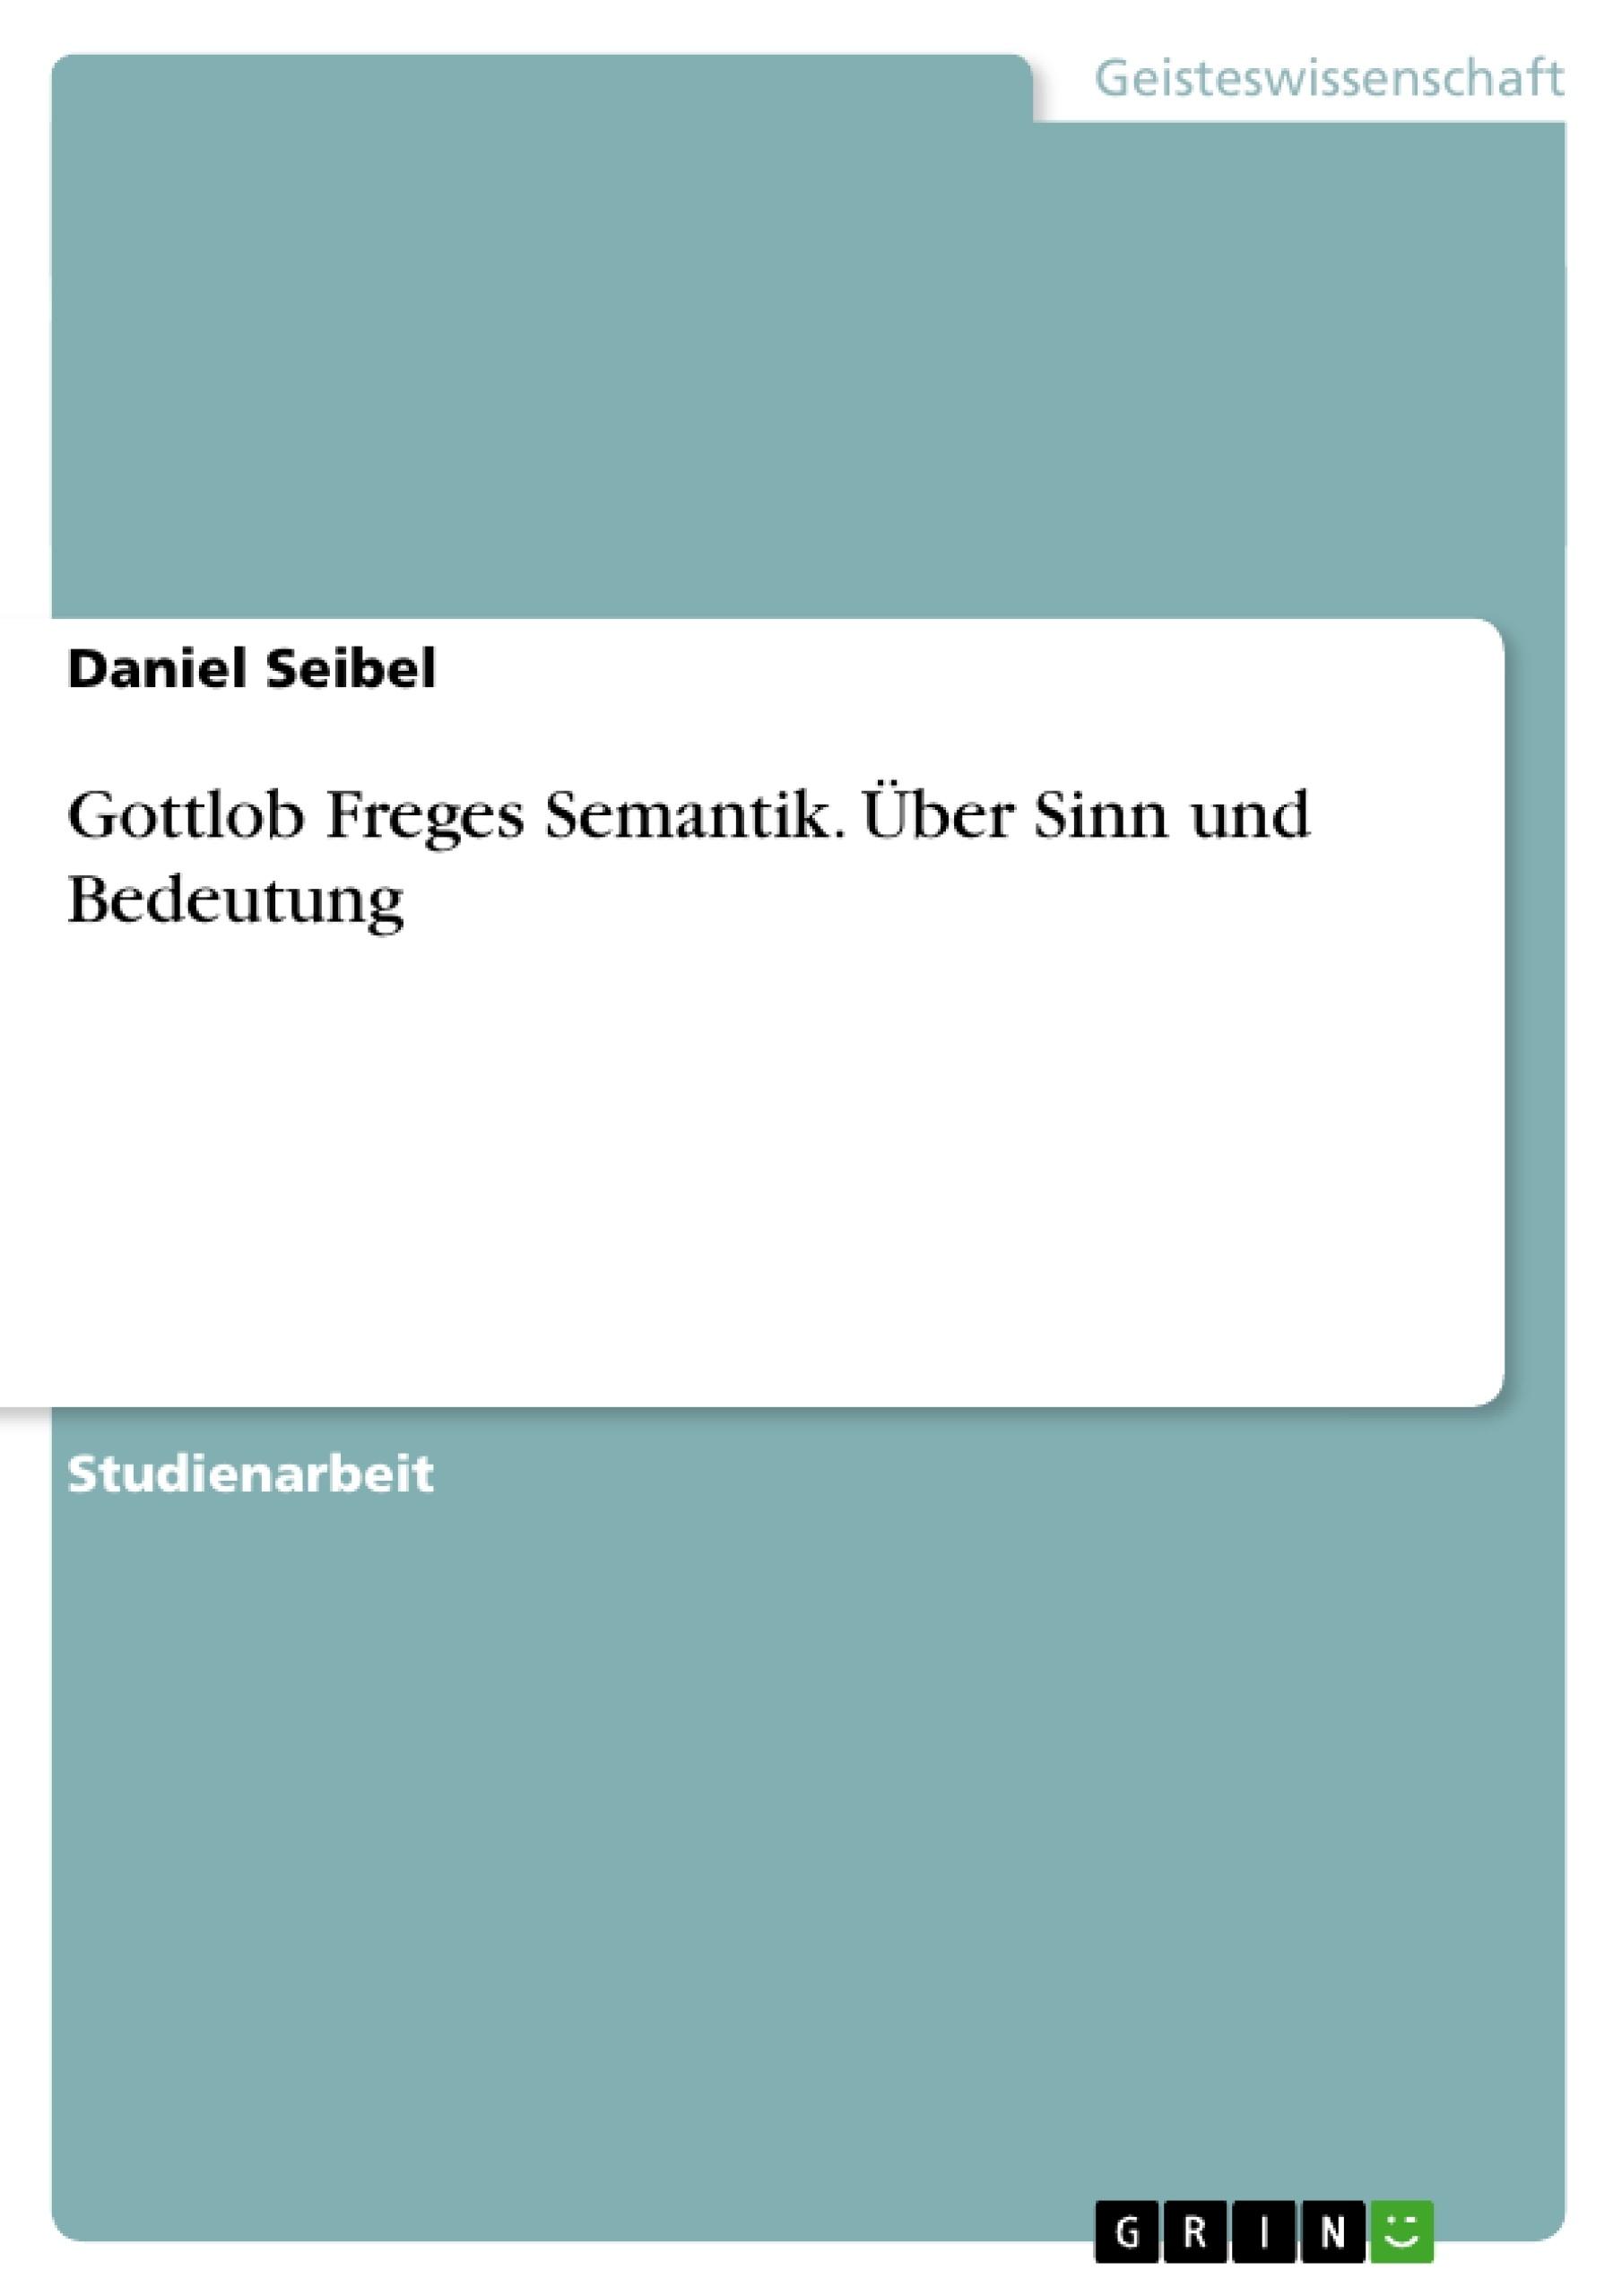 Titel: Gottlob Freges Semantik. Über Sinn und Bedeutung